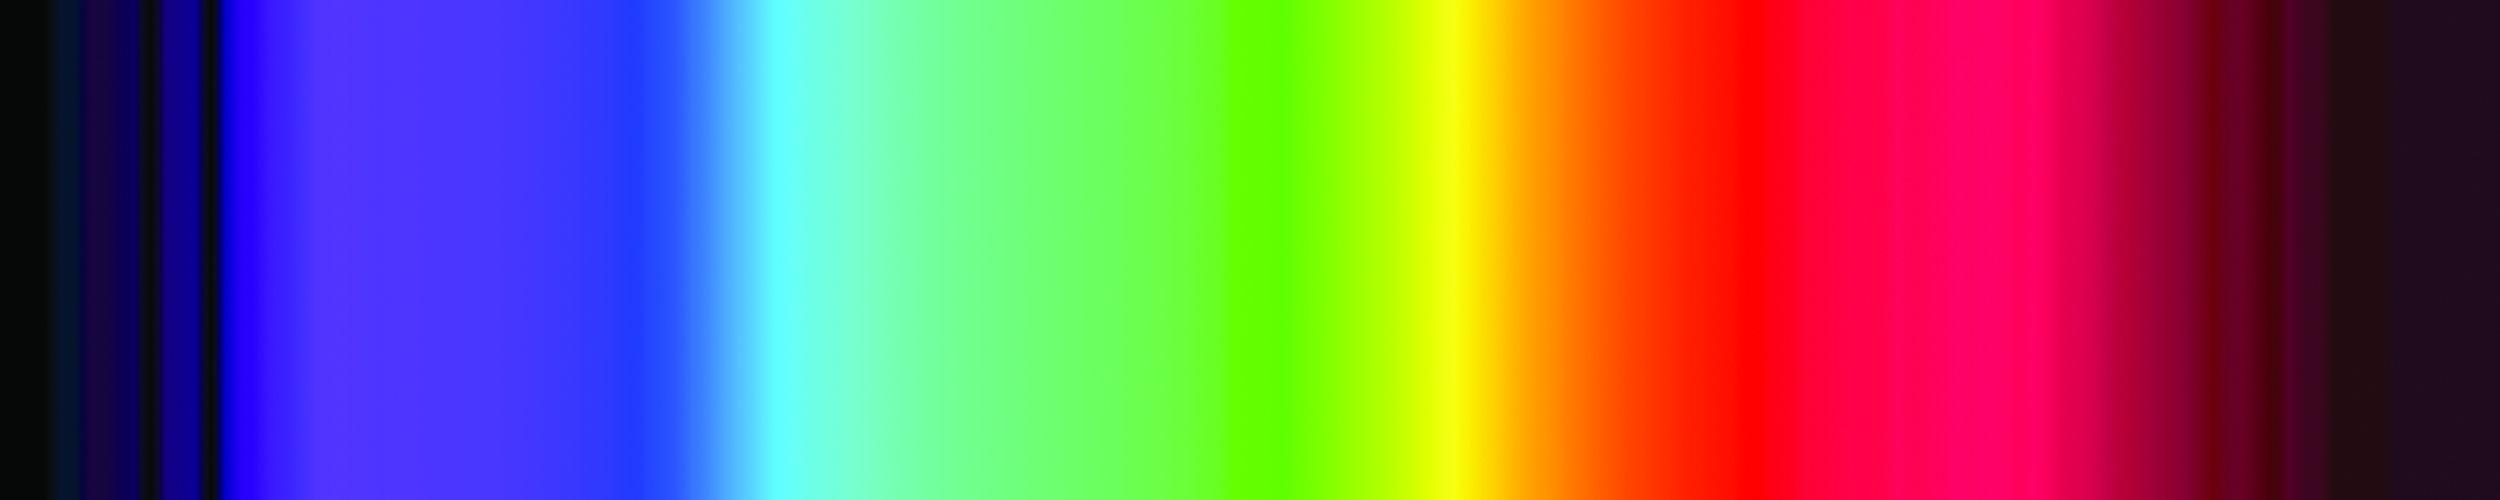 Color spectrum shown in CMYK